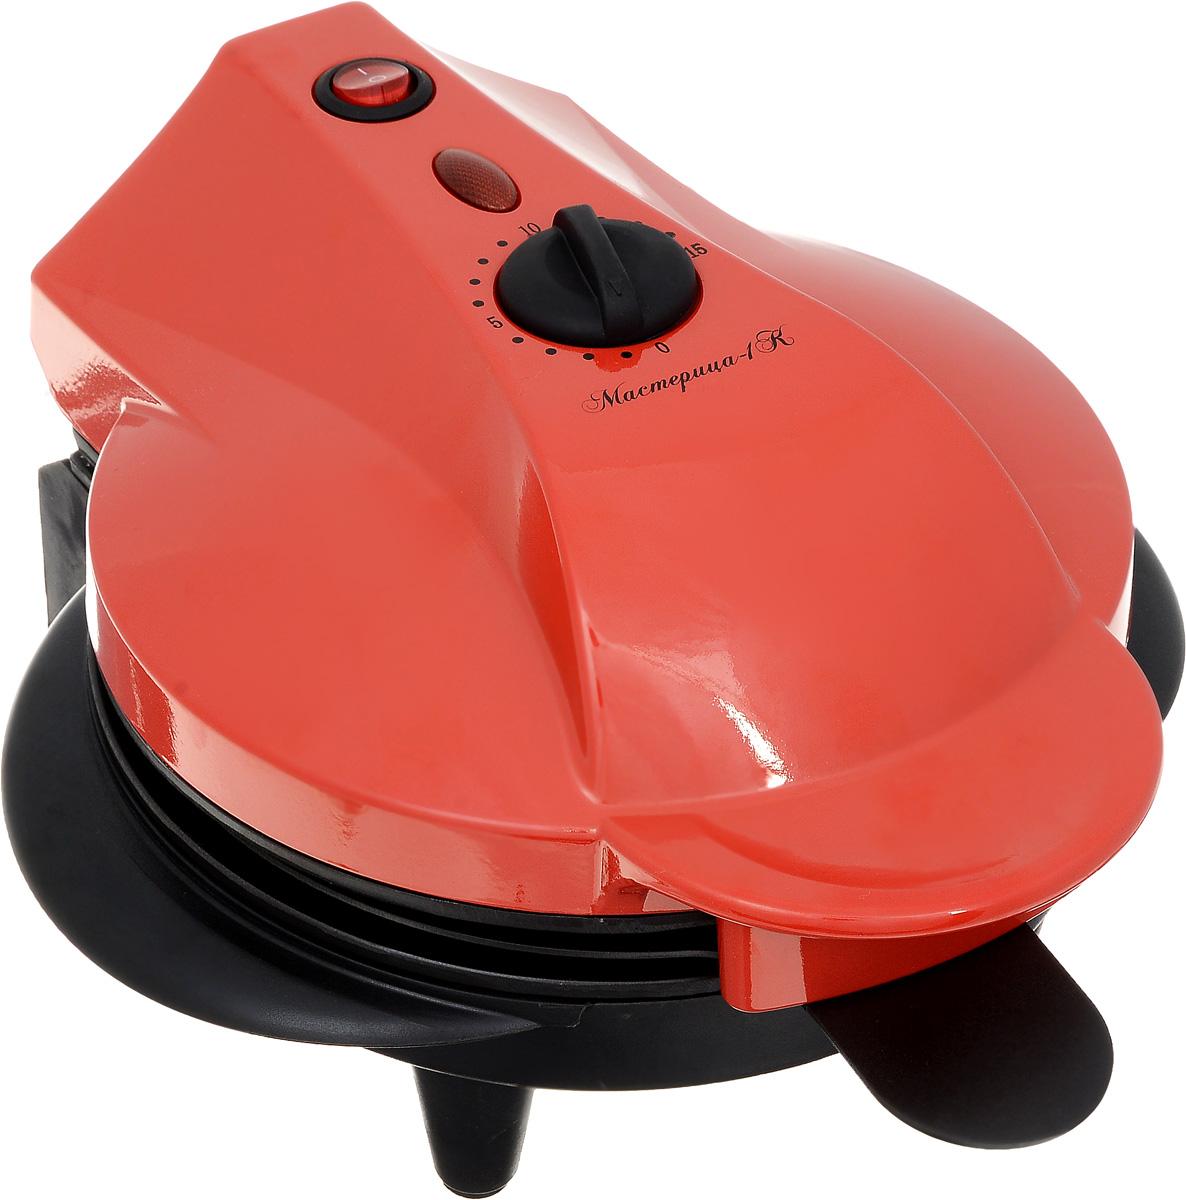 Великие Реки Мастерица-1К печьМастерица-1КПечь Мастерица-1К имеет 4 сменных панели: панель для котлет/кексов/пирогов,панель для омлета, панель для гриля, панель для пиццы-пирогов. Благодаря антипригарному покрытию ваша выпечка никогда не подгорит. Модель станет отличным подарком для любителей быстрой и вкусной пищи. Мастерица-1Кдолгие годы будет безупречно работать и станет лучшим помощником на кухне для тех, кто ценит свое время и любит вкусно перекусить. Регулируемая мощность, таймер на 15 минут.